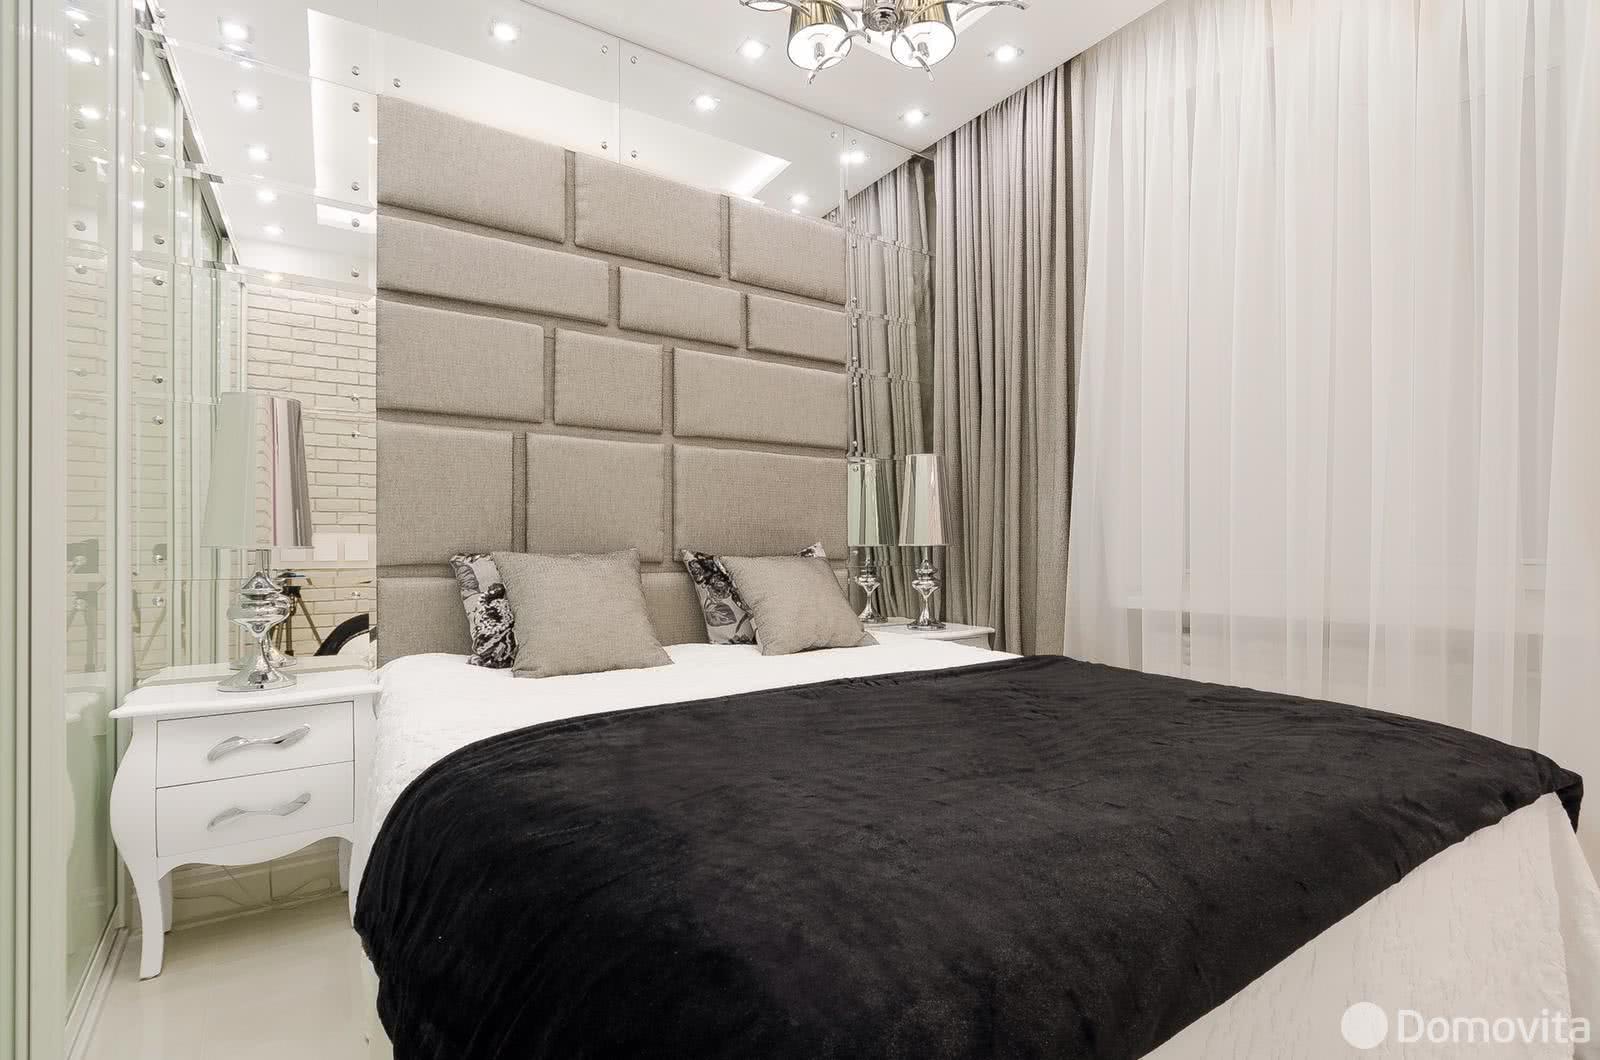 2-комнатная квартира на сутки в Минске ул. Ленина, д. 11 - фото 2